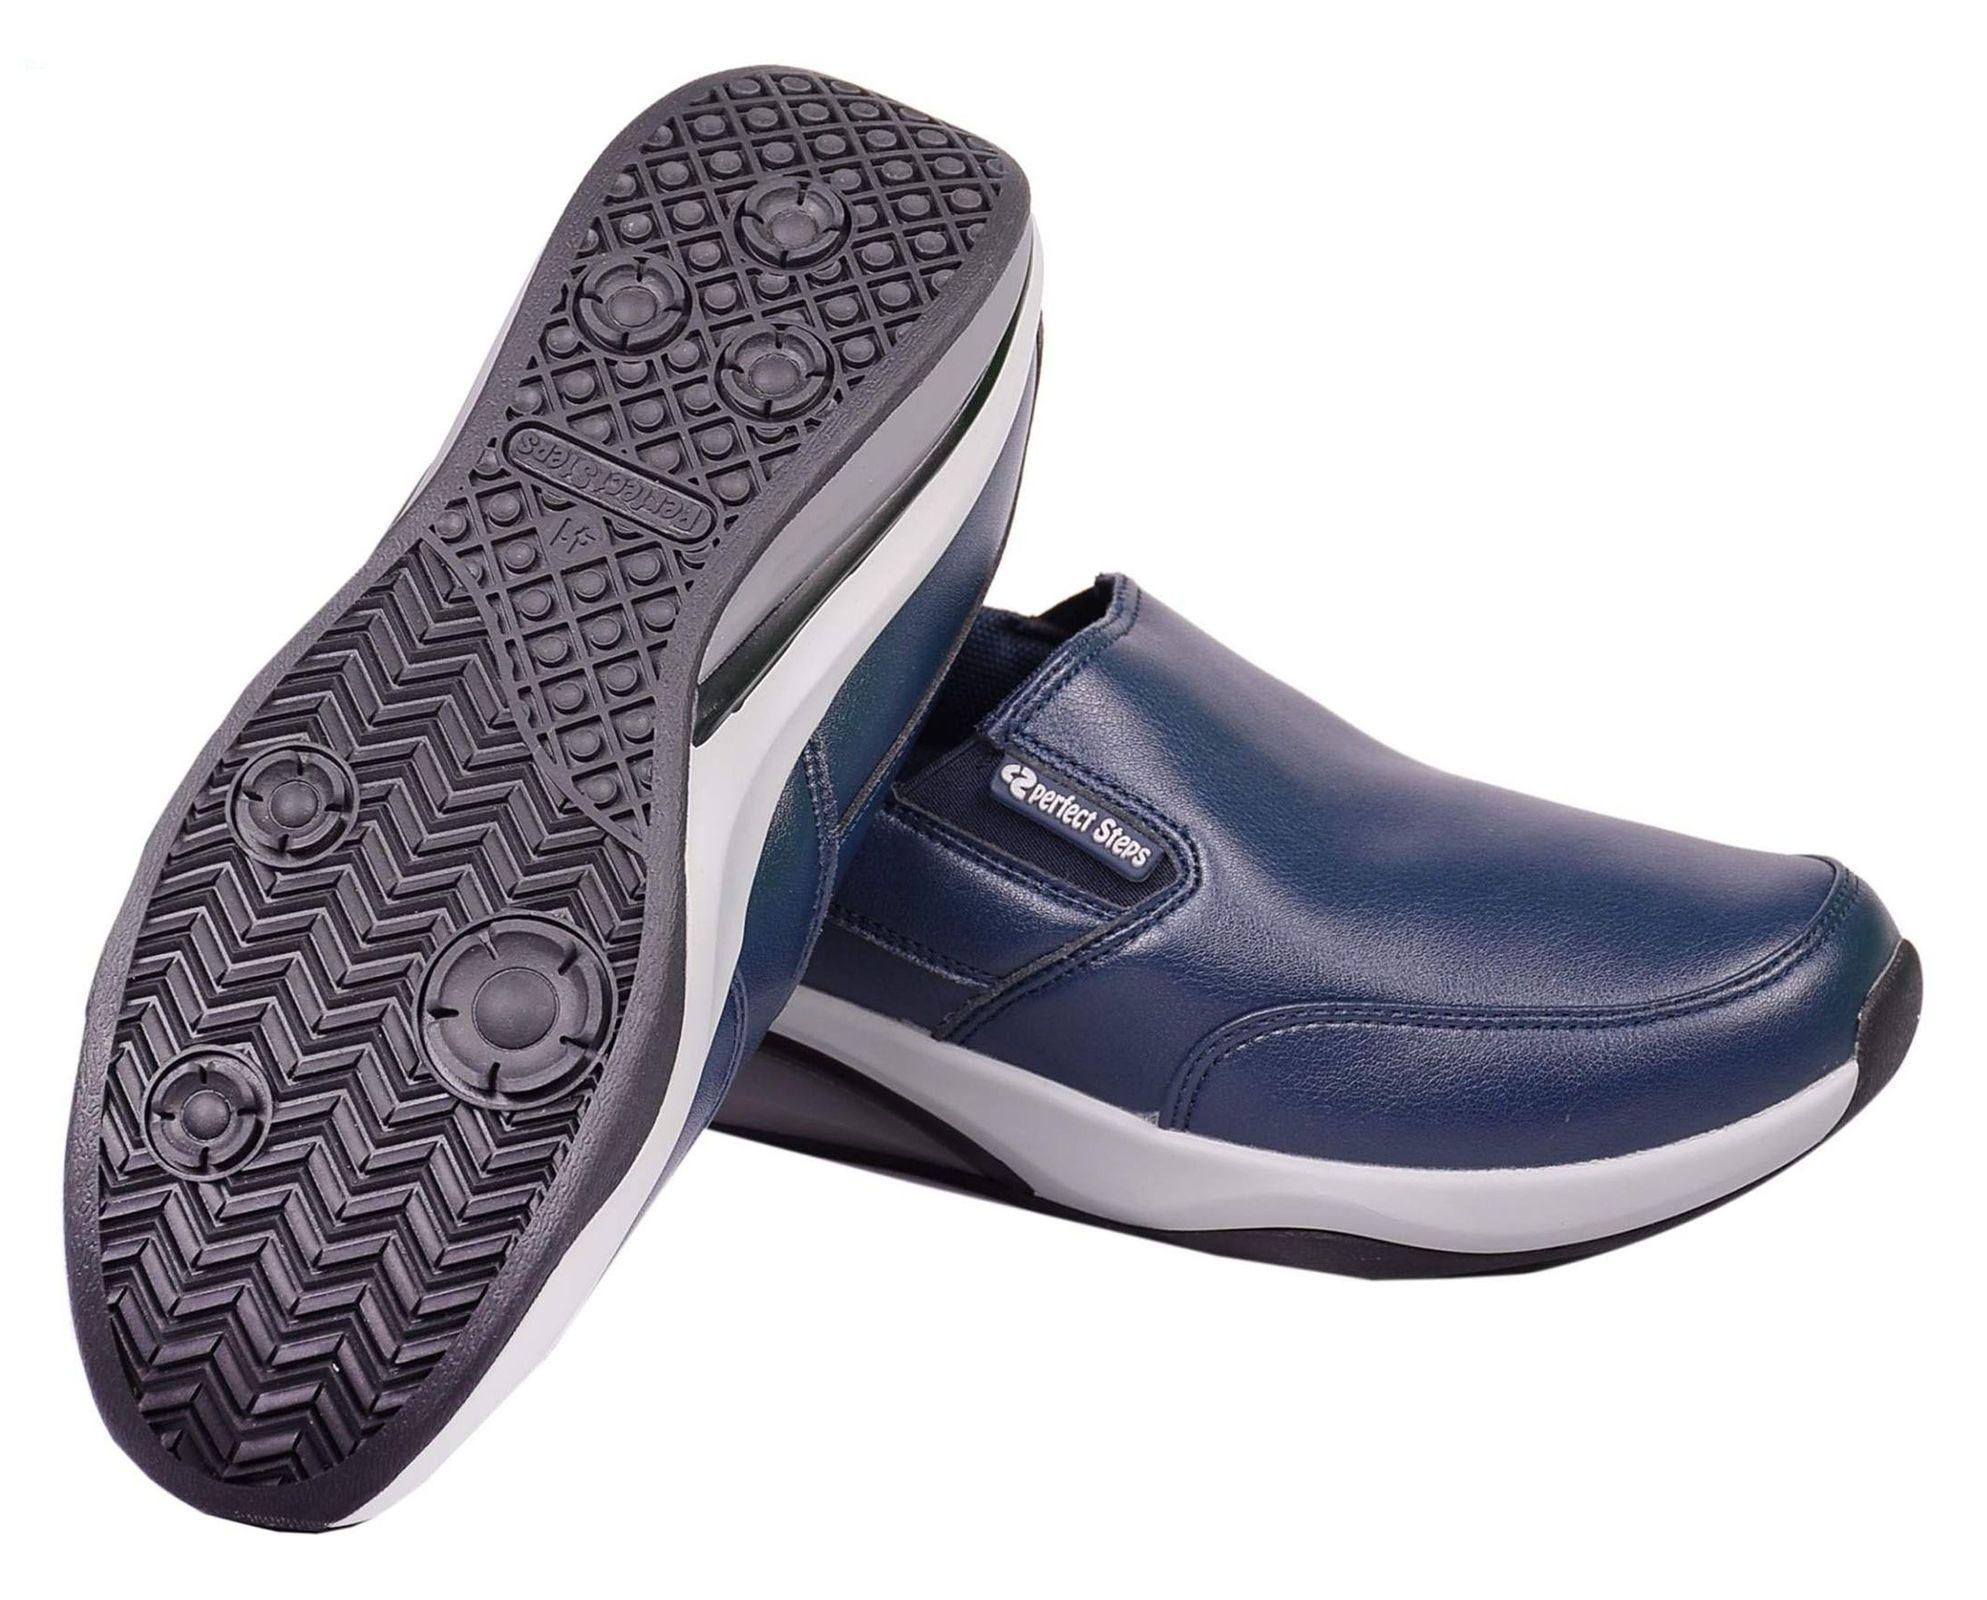 کفش مخصوص پیاده روی زنانه پرفکت استپس مدل پریمو کژوال رنگ سرمه ای main 1 6